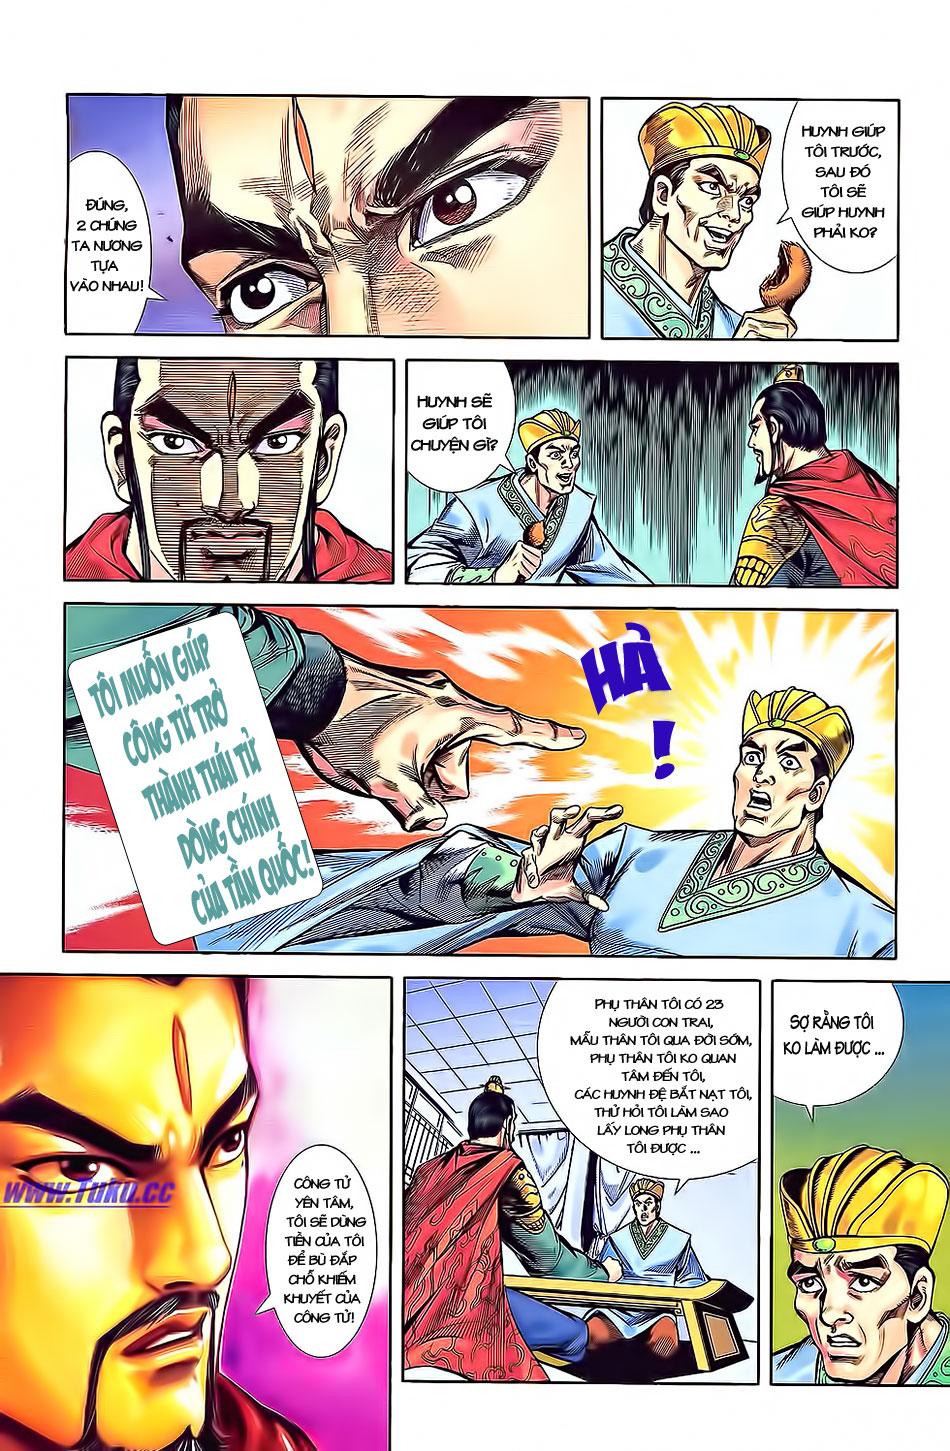 Tần Vương Doanh Chính chapter 3 trang 18